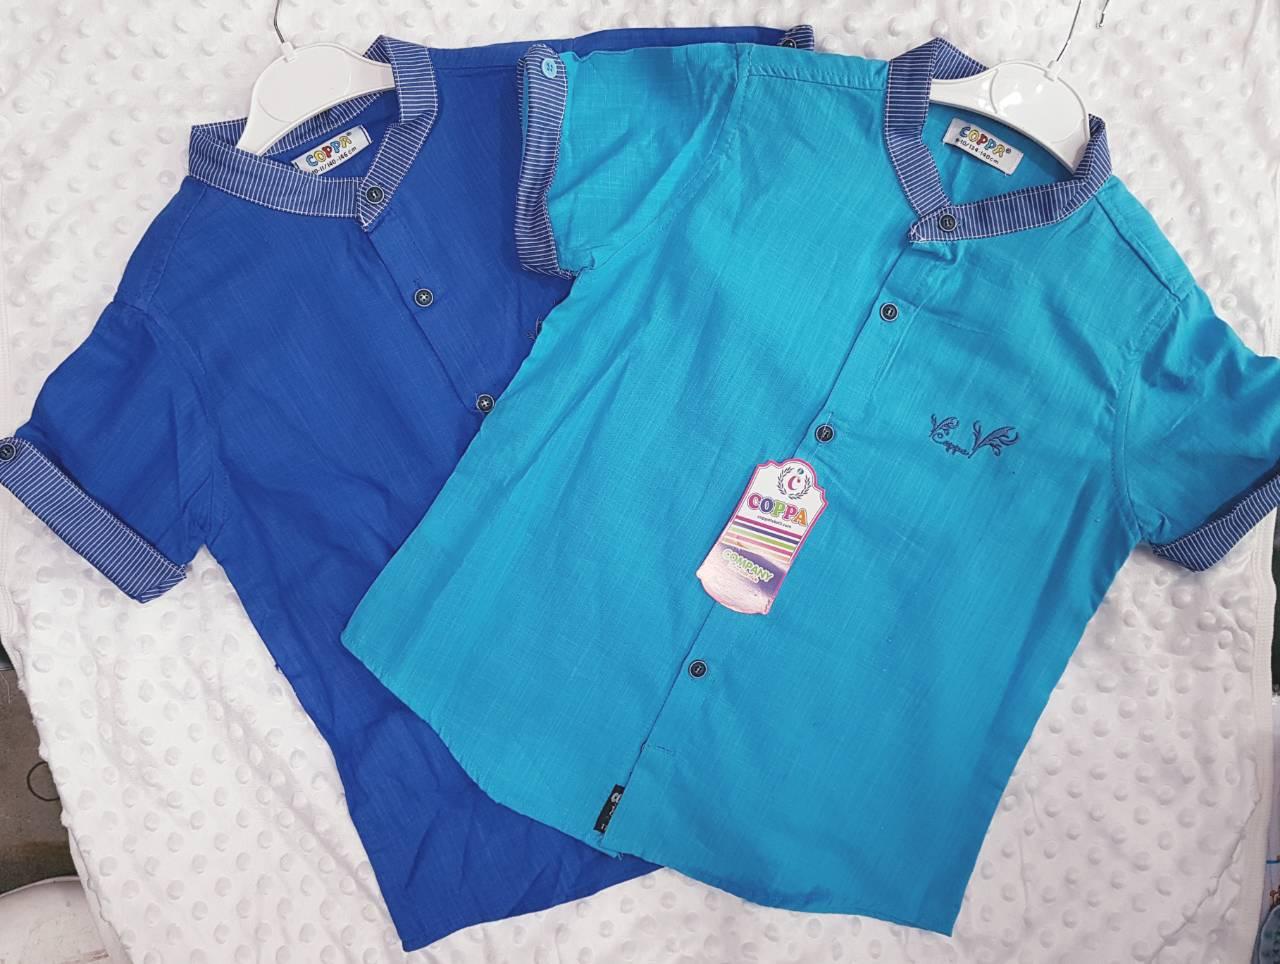 Рубашки детские на мальчика оптом 29165837 7-1